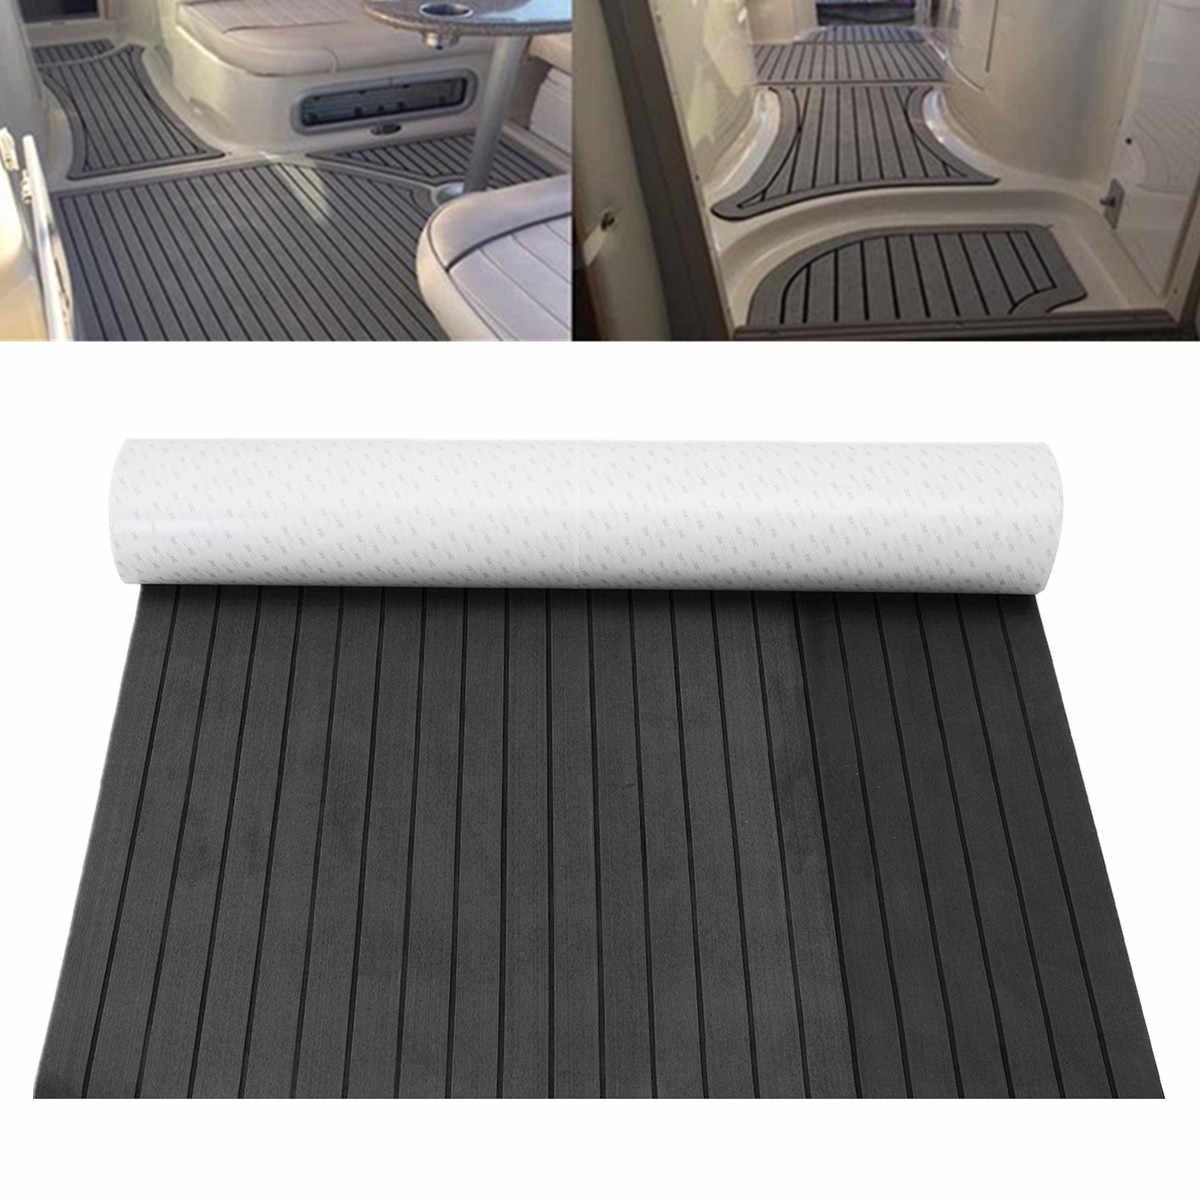 Самоклеющиеся ЕВА пена тик Лист Коврик тиковый пол автомобиль морской яхты тик лодка настил темно серый 1200 мм x 2400 мм 5 мм